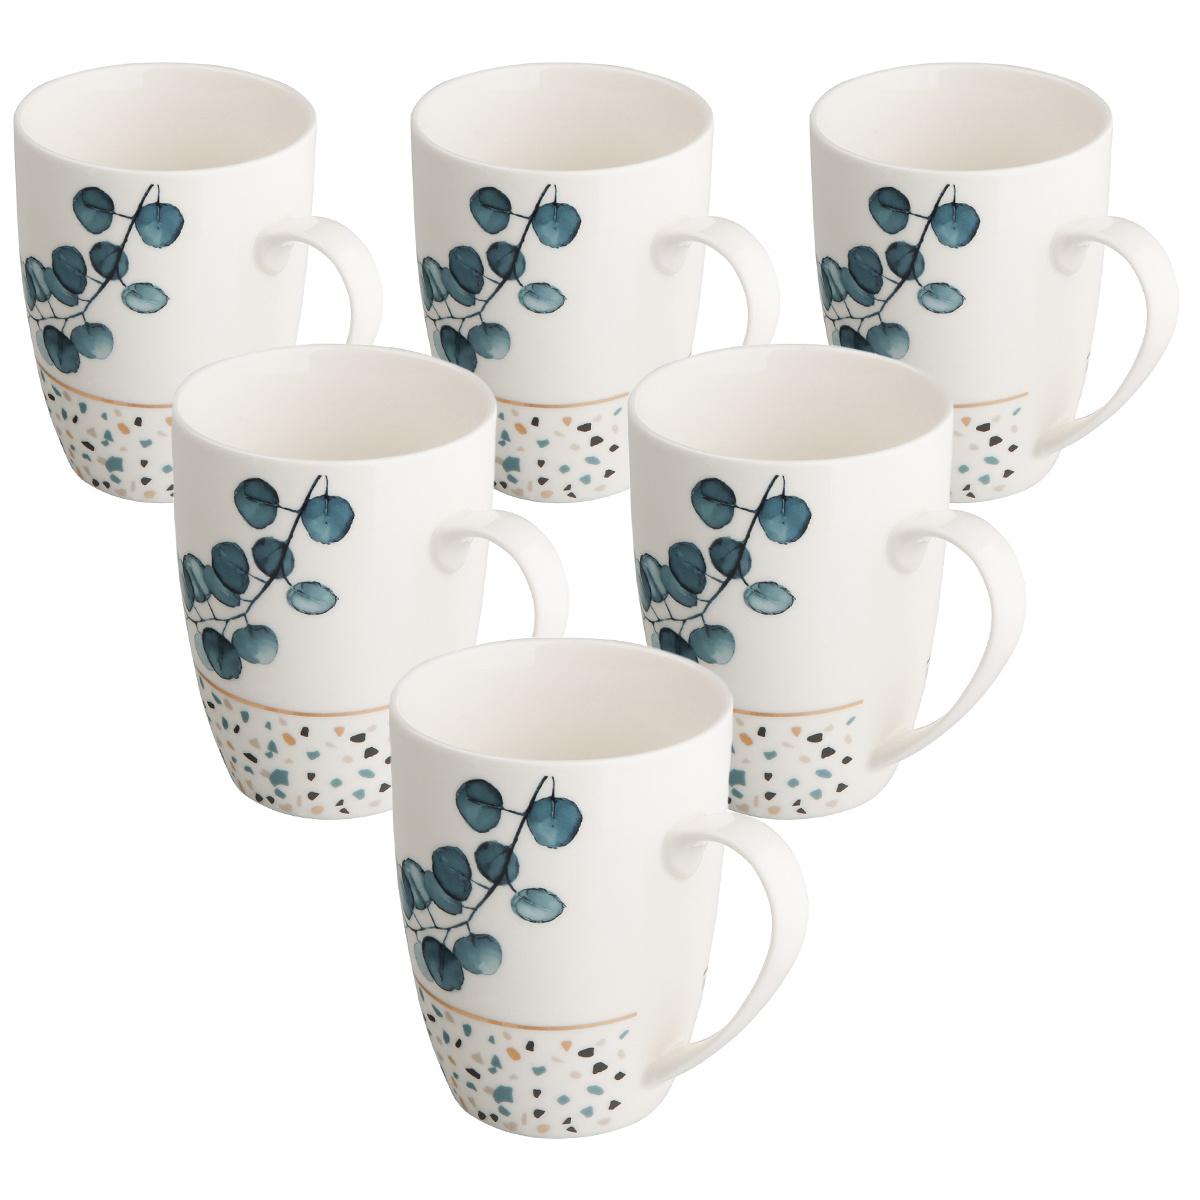 Altom Sada porcelánových hrnčekov Konfetti 340 ml, 6 ks, modrá